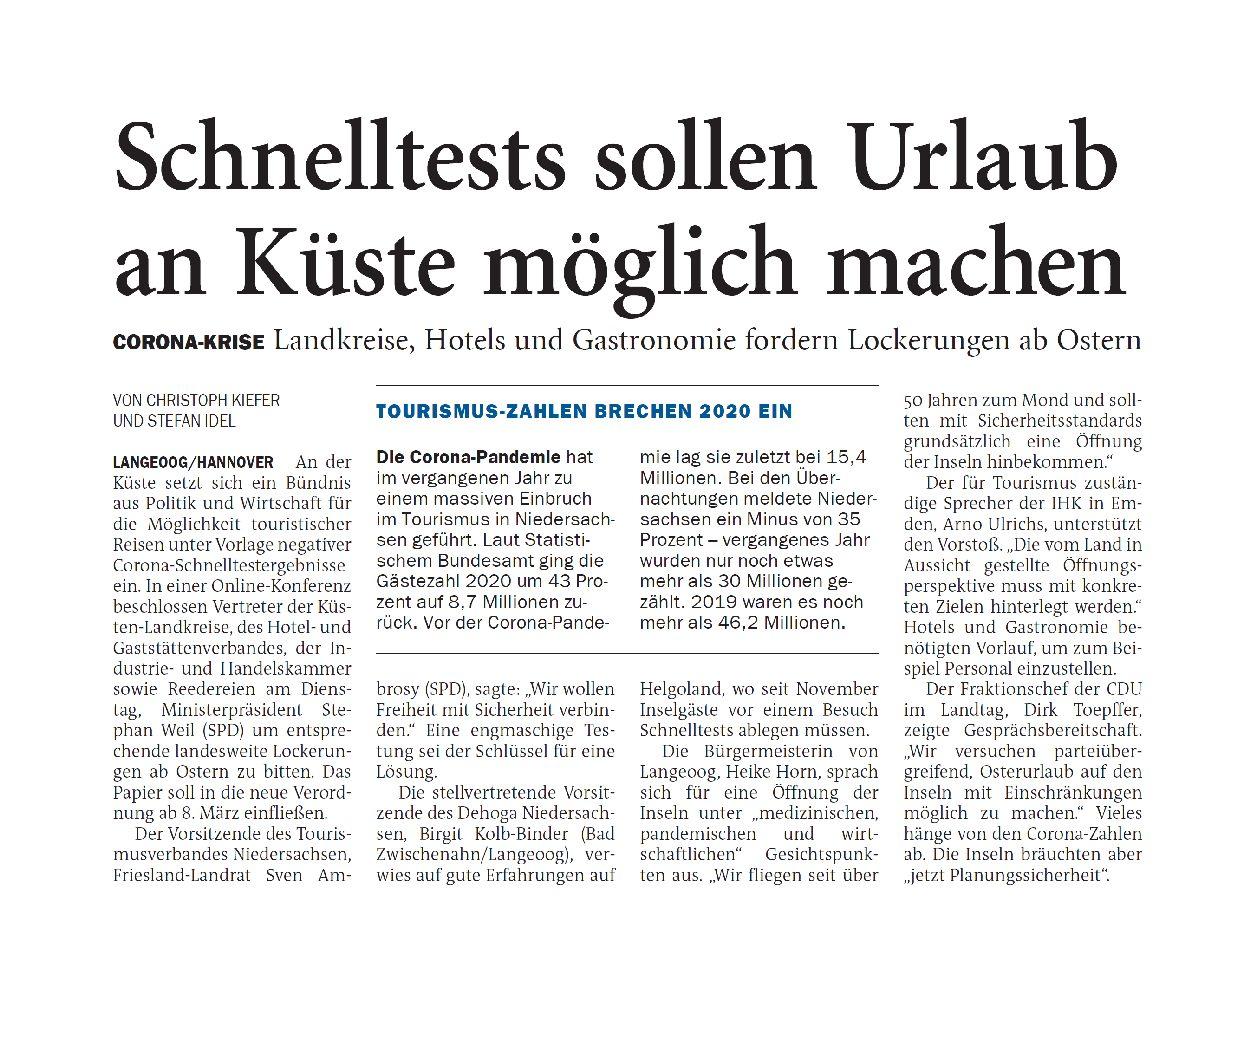 Jeversches Wochenblatt 24.02.2021 IV